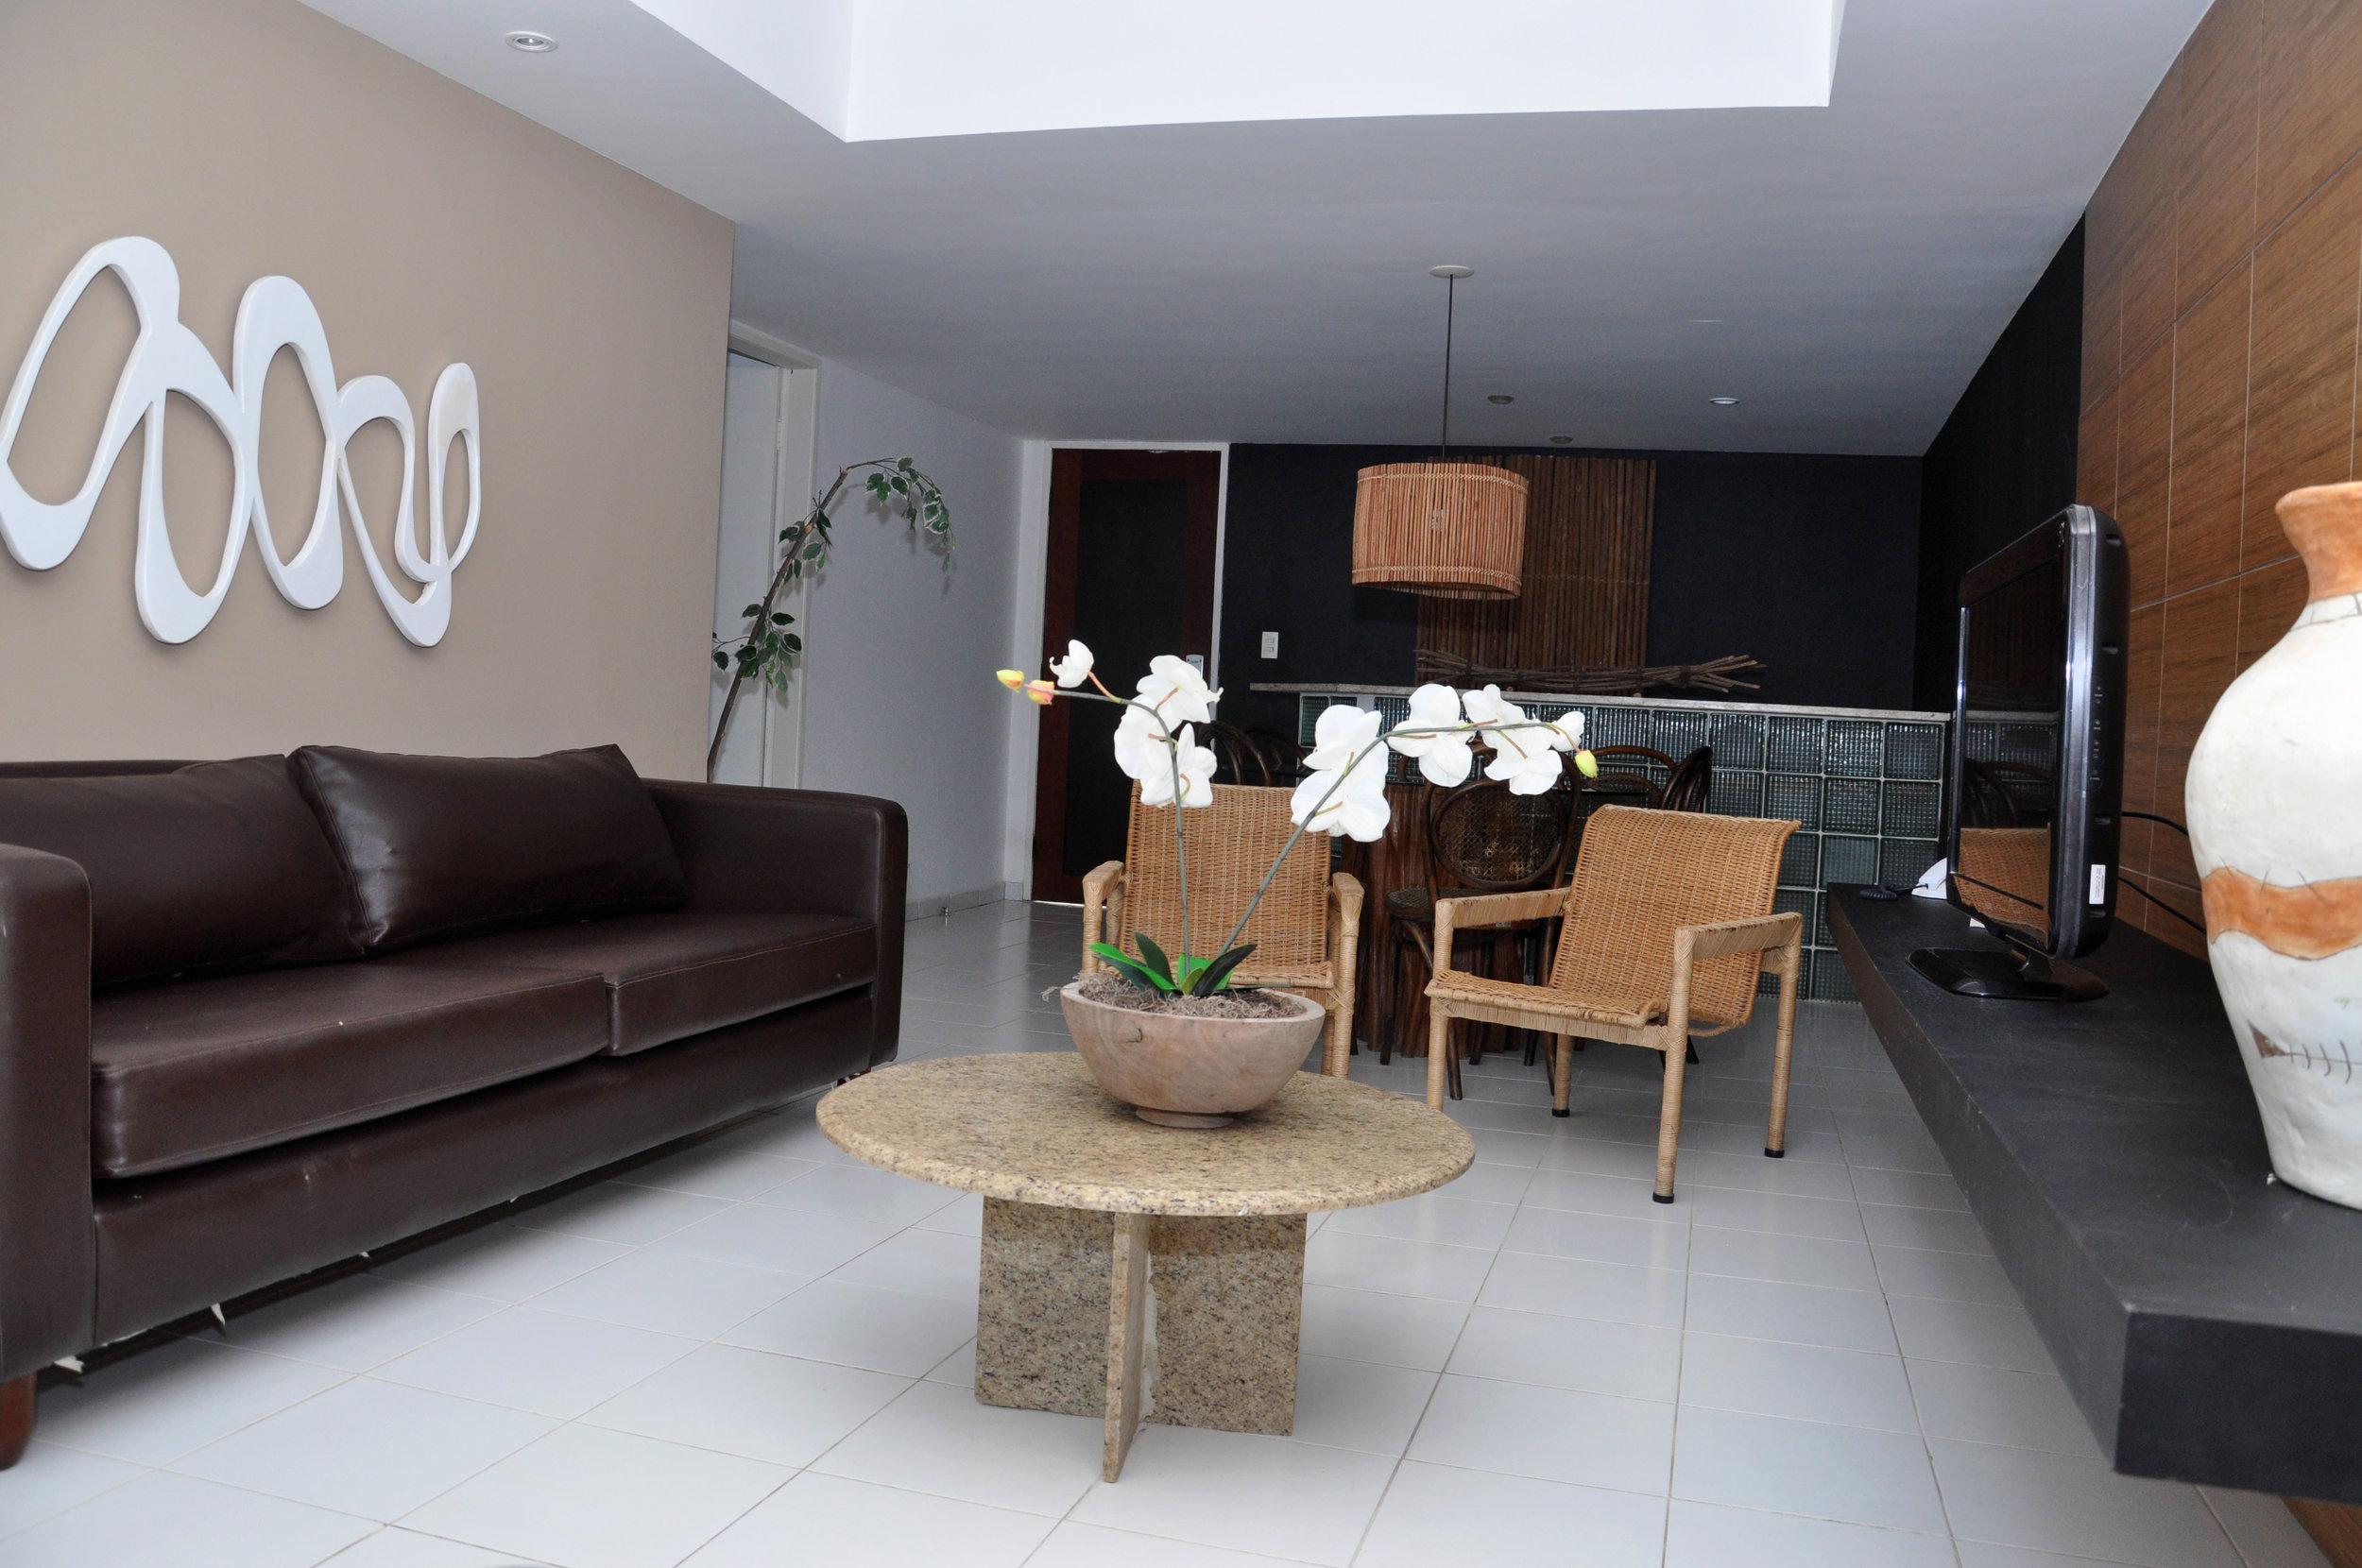 Apartamento-temporada-famlia-natal 0.JPG